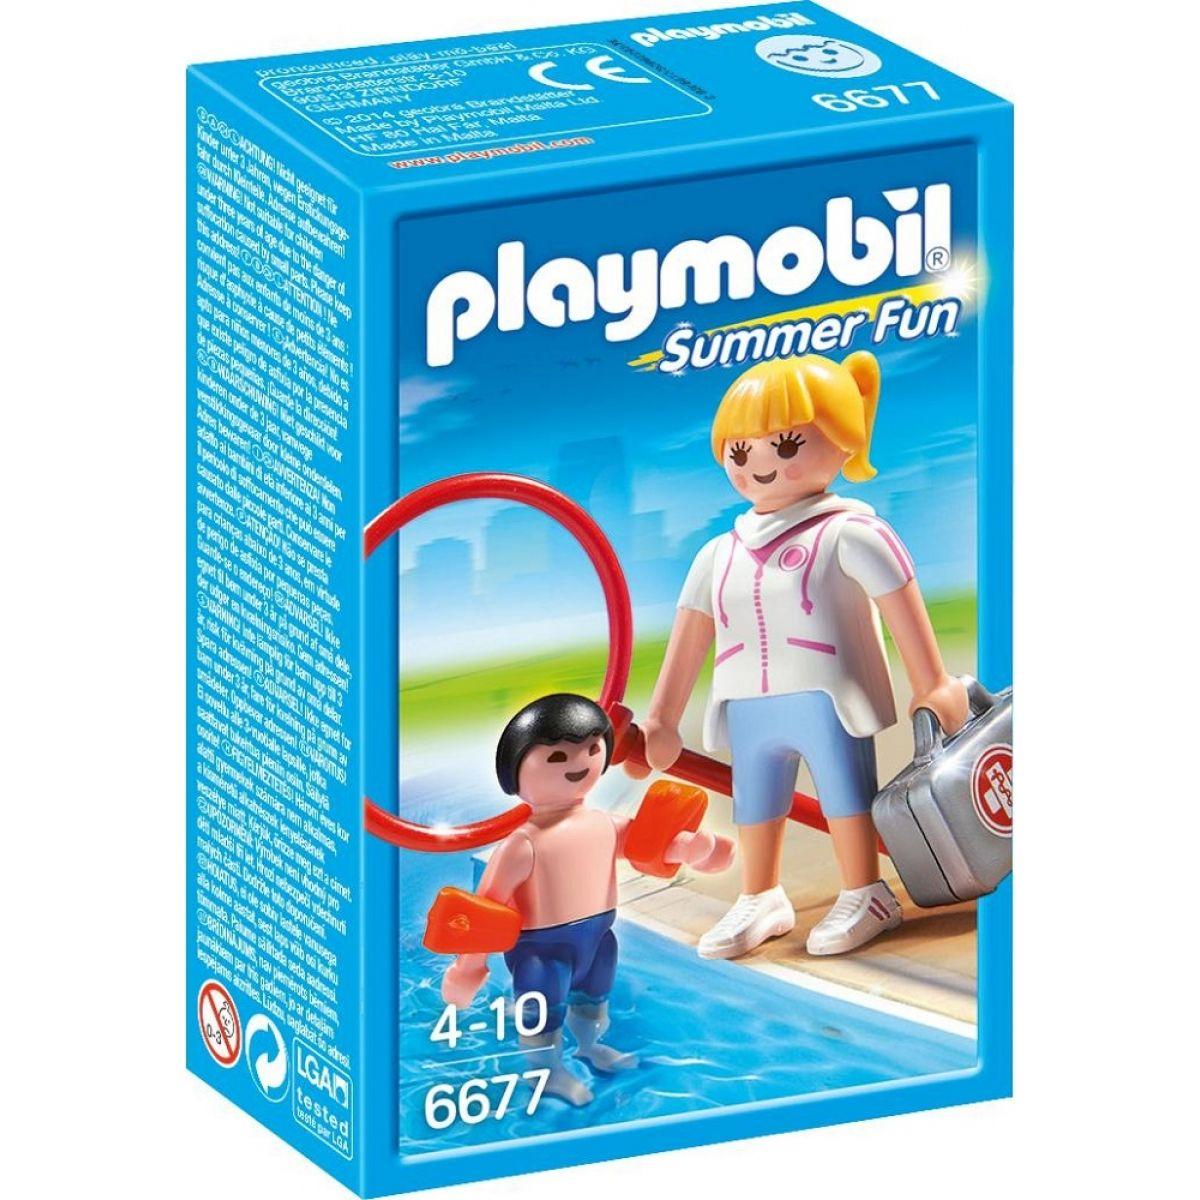 Playmobil 6677 Plavčíčka a malý plavec